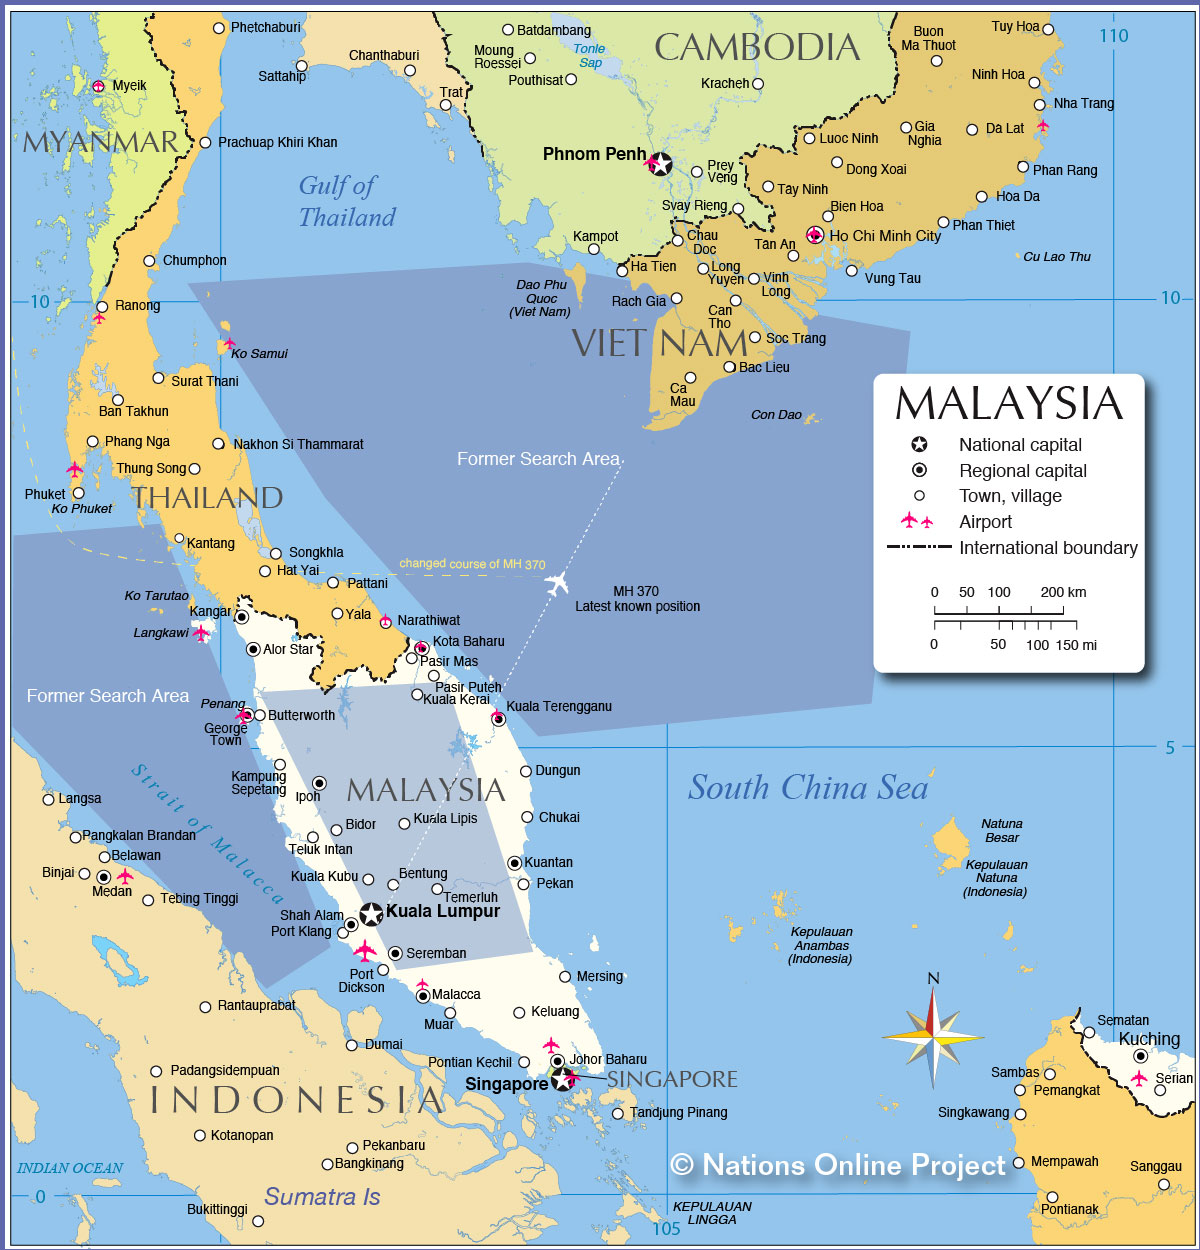 Malaysia On World Map Map: Maps Of Peninsular Malaysia And